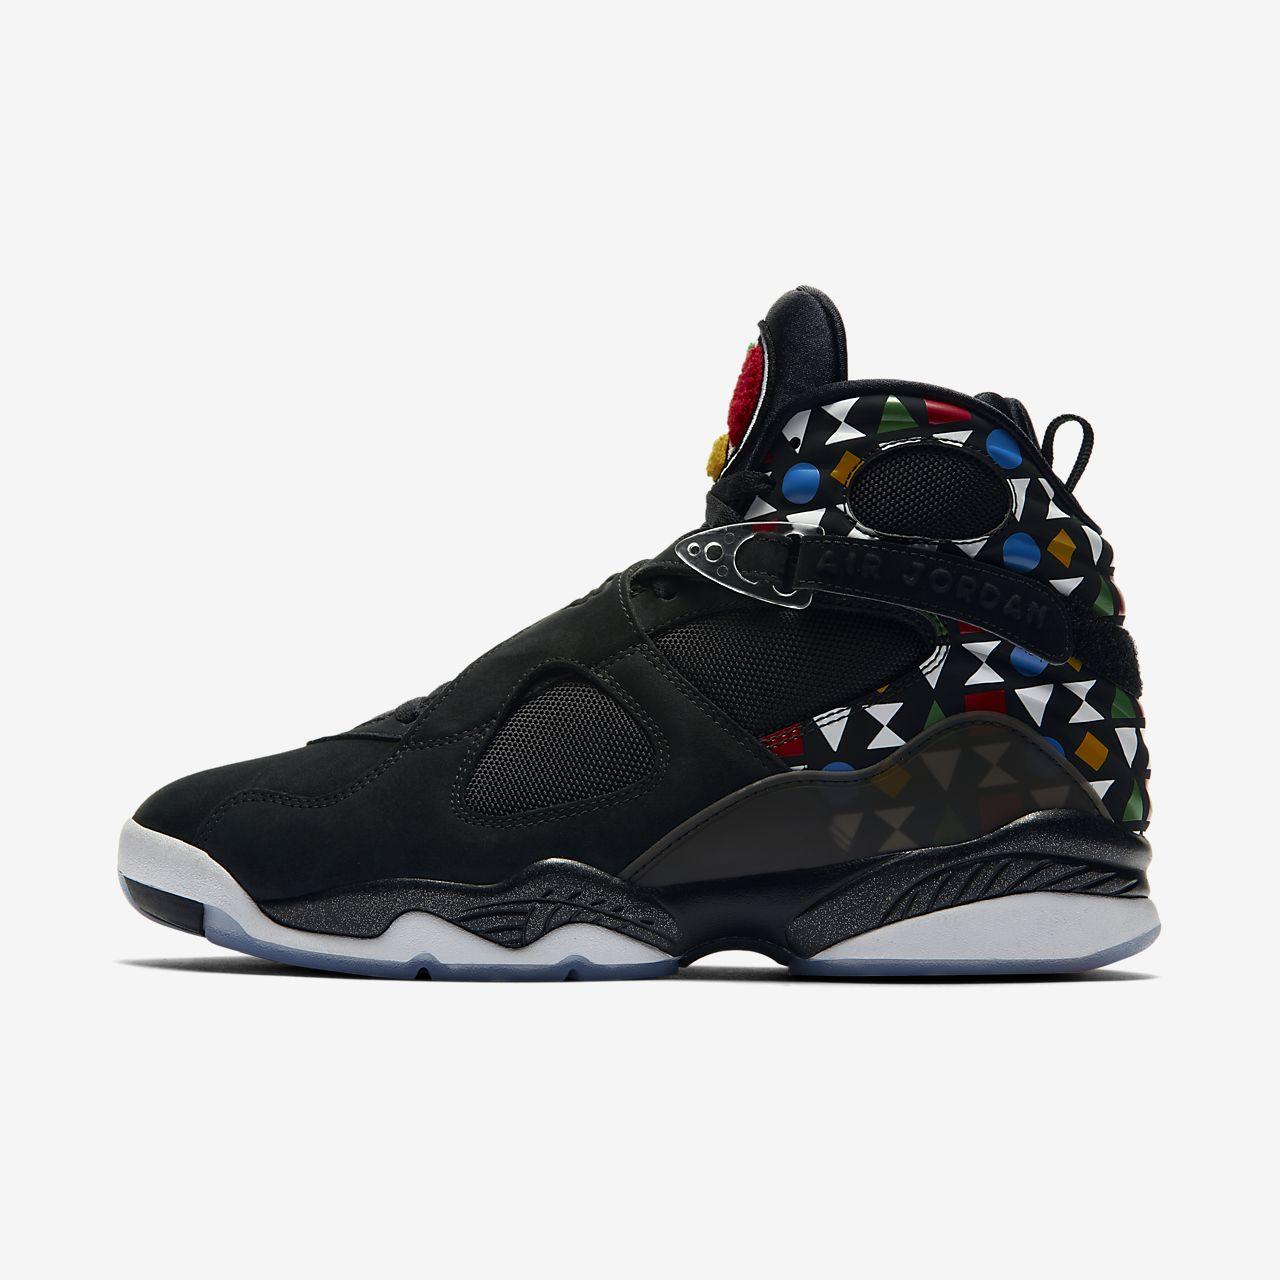 Air Jordan 8 Retro Q54 Men's Shoe